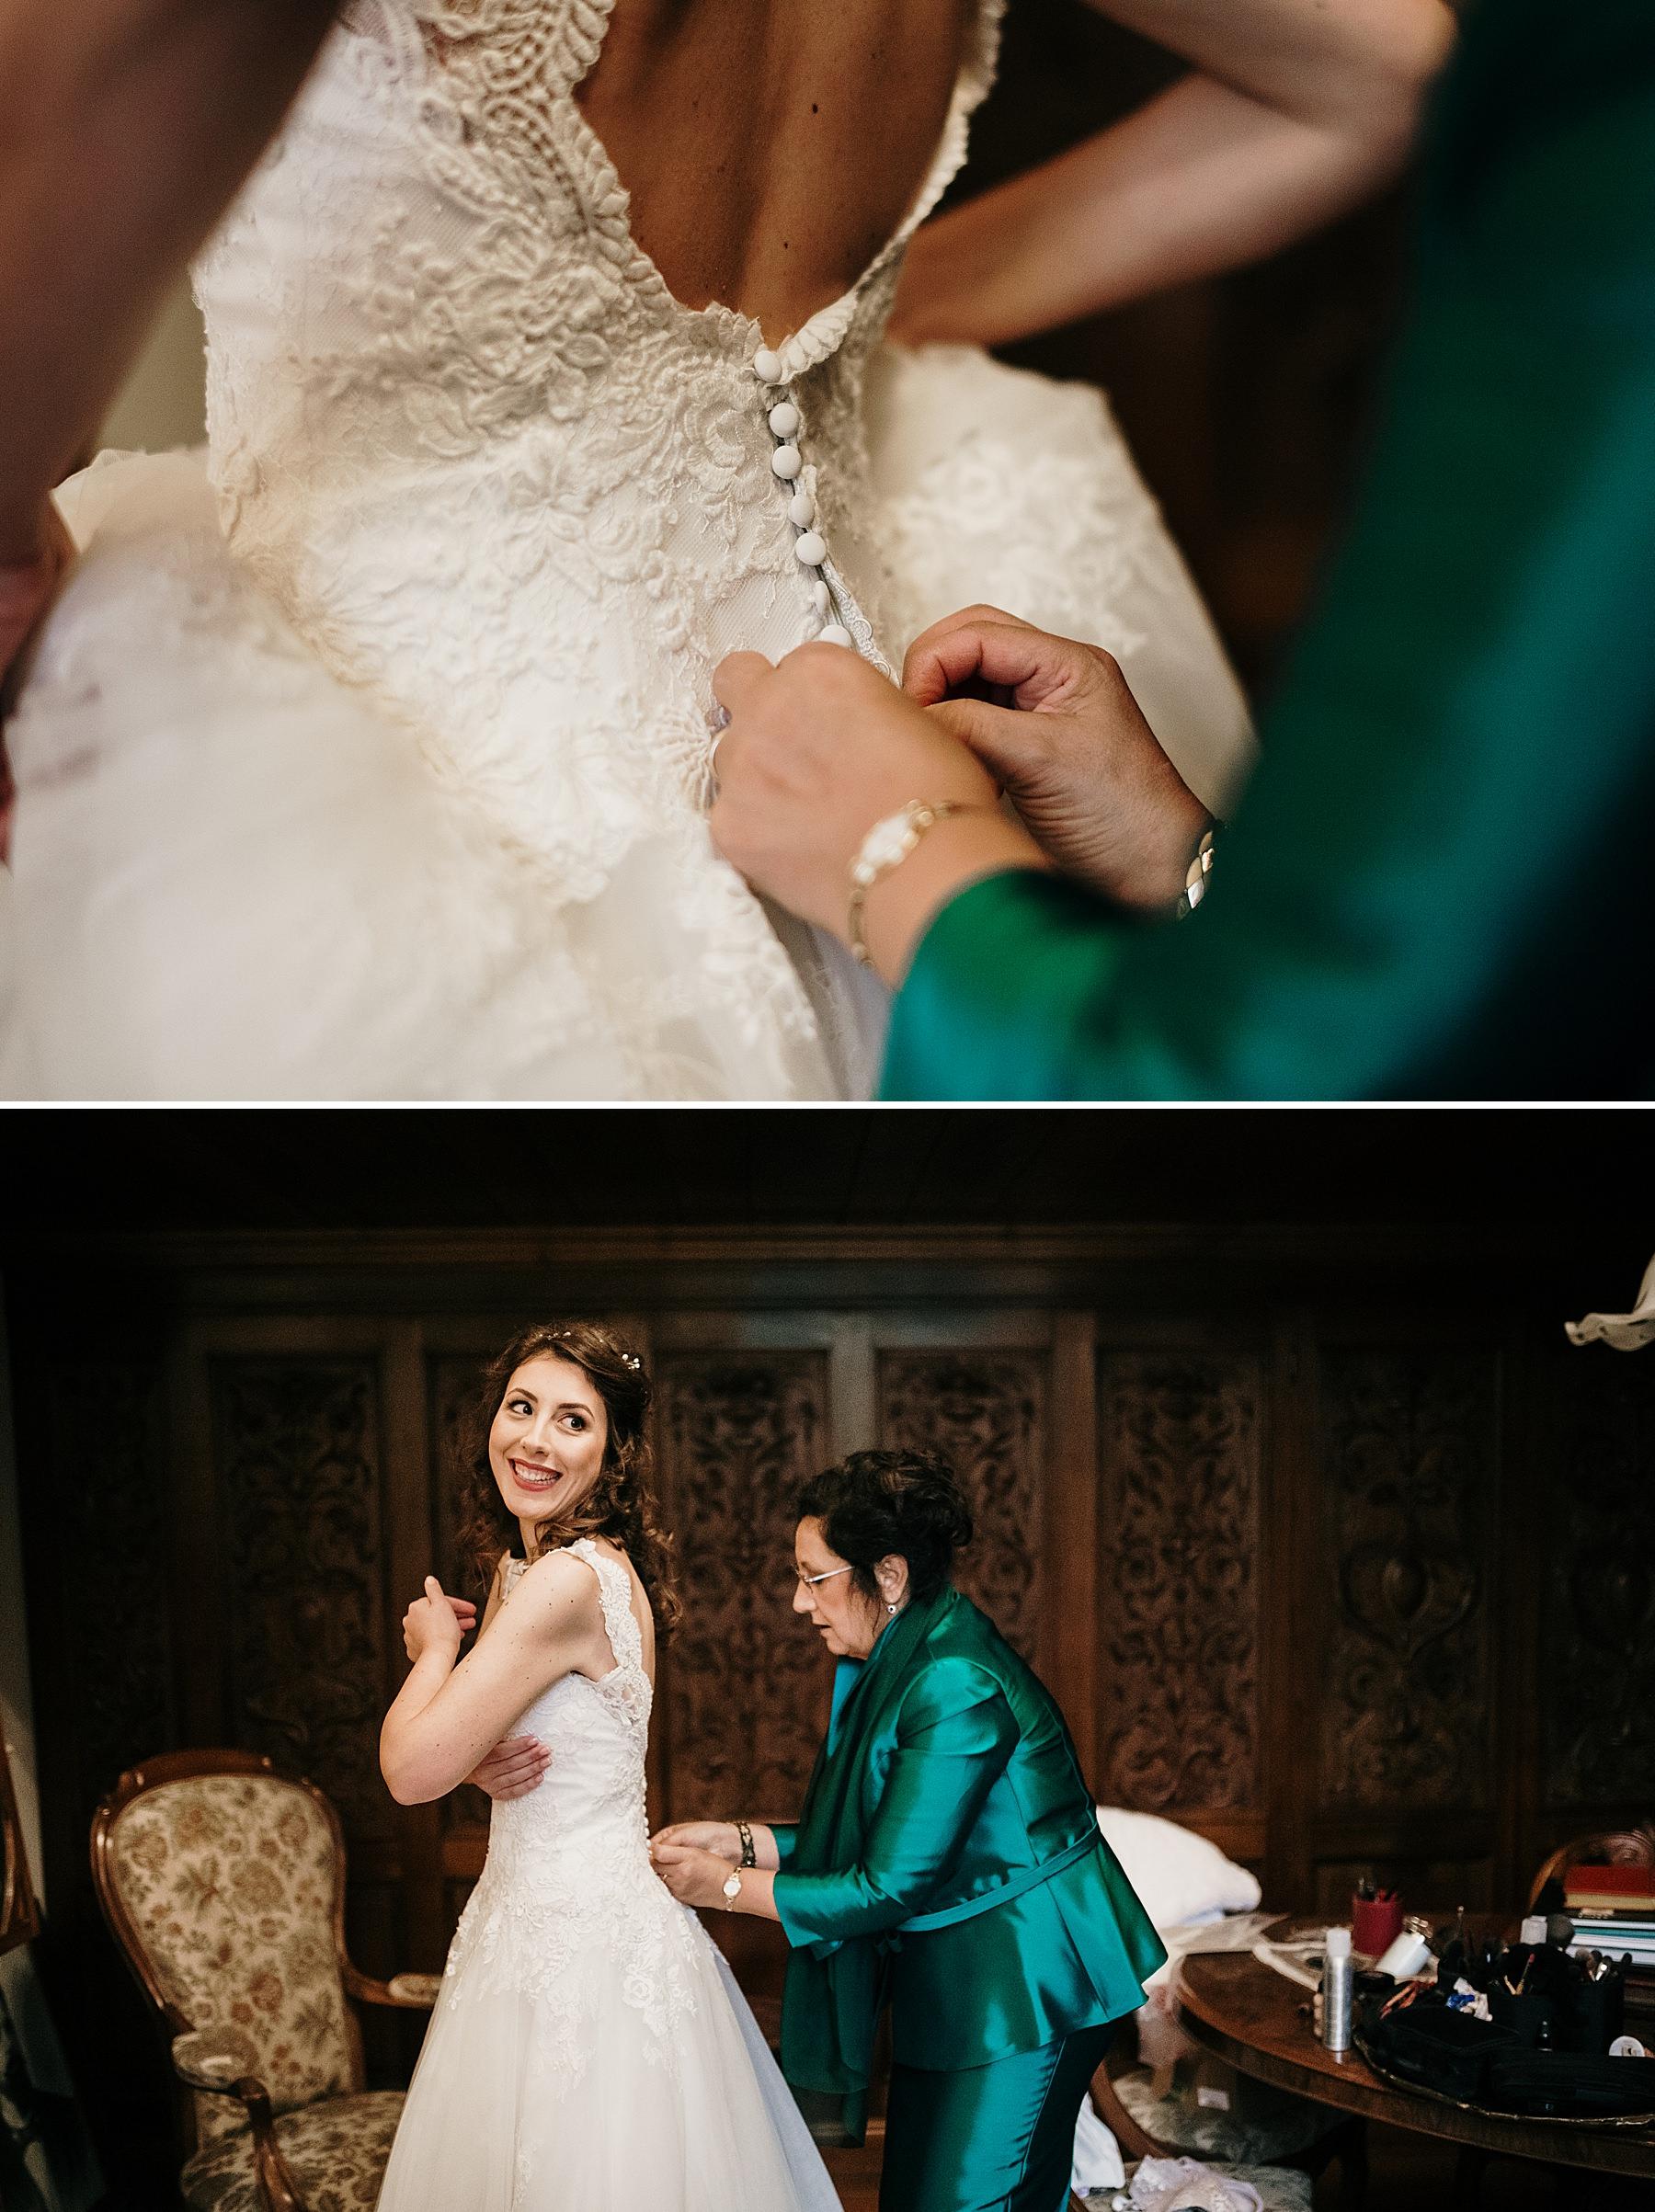 Matrimonio a Dicembre getting ready